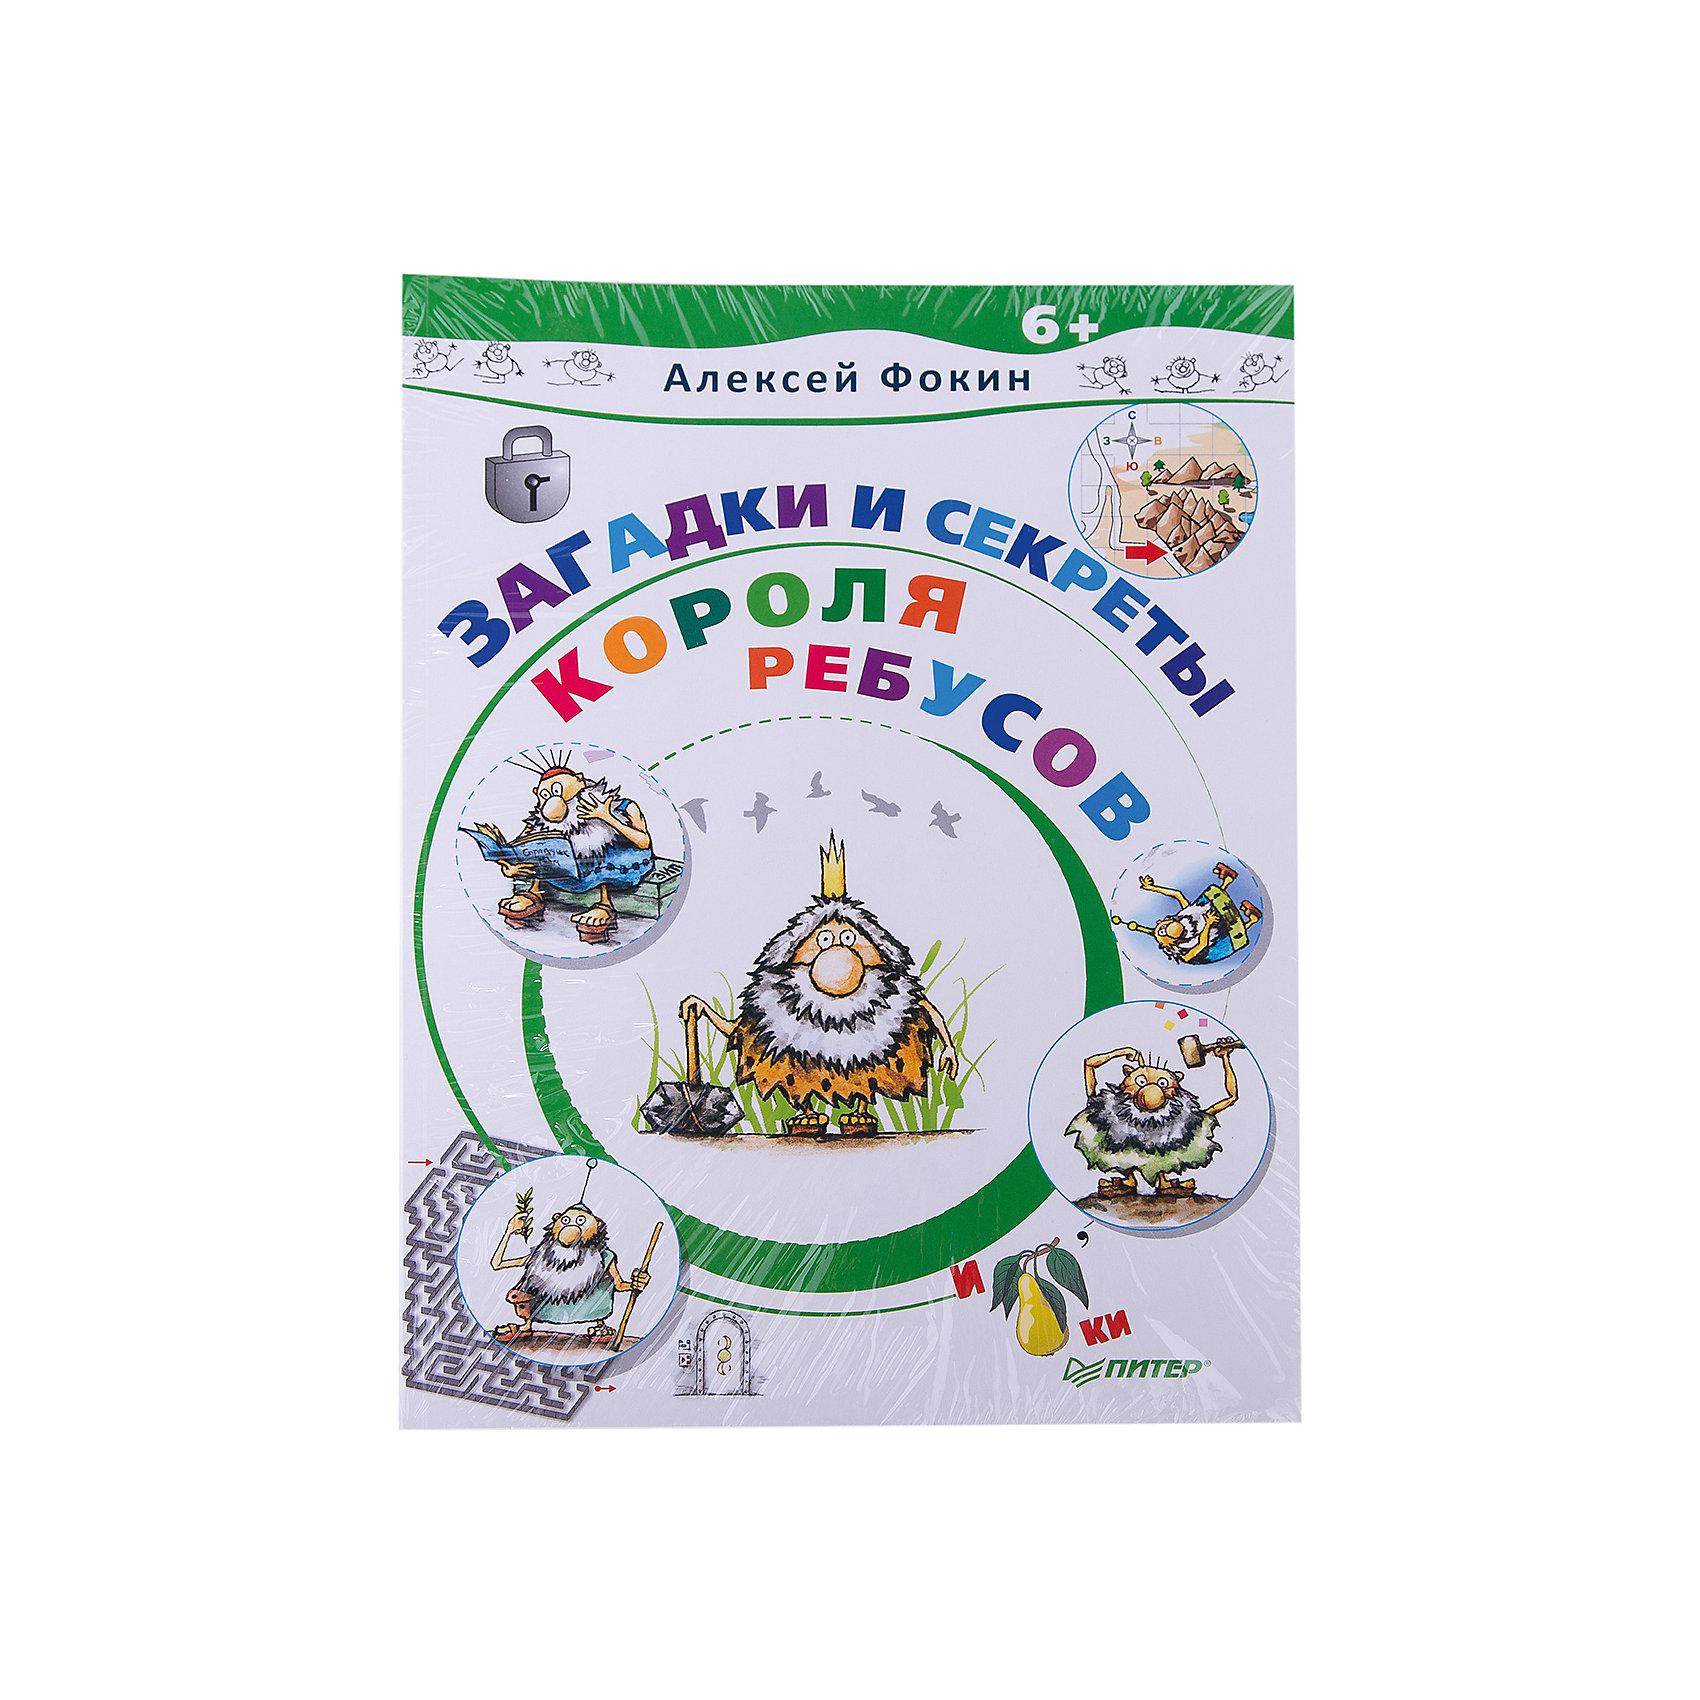 Книга Загадки и секреты Короля РебусовХарактеристики книги Загадки и секреты Короля Ребусов: <br><br>• автор: Алексей Фокин<br>• формат издания: 22 х29 см (большой формат)<br>• количество страниц: 48<br>• год выпуска: 2017<br>• издательство: Питер<br>• серия: Игры для ума<br>• переплет: мягкая обложка<br>• цветные иллюстрации: да<br>• язык издания: русский<br>• возраст: от 6 лет <br>• тип издания: отдельное издание<br>• вес в упаковке, 150 г<br><br>Король Ребусов вновь ждёт тебя в своей стране. Ты готов отправится в увлекательное путешествие? Тебя ждут лабиринты и загадки, ребусы и кроссворды. Скорее открывай книгу, и – удачи!<br><br>Книгу Загадки и секреты Короля Ребусов издательства Питер  можно купить в нашем интернет-магазине.<br><br>Ширина мм: 290<br>Глубина мм: 215<br>Высота мм: 30<br>Вес г: 153<br>Возраст от месяцев: 72<br>Возраст до месяцев: 2147483647<br>Пол: Унисекс<br>Возраст: Детский<br>SKU: 5480502